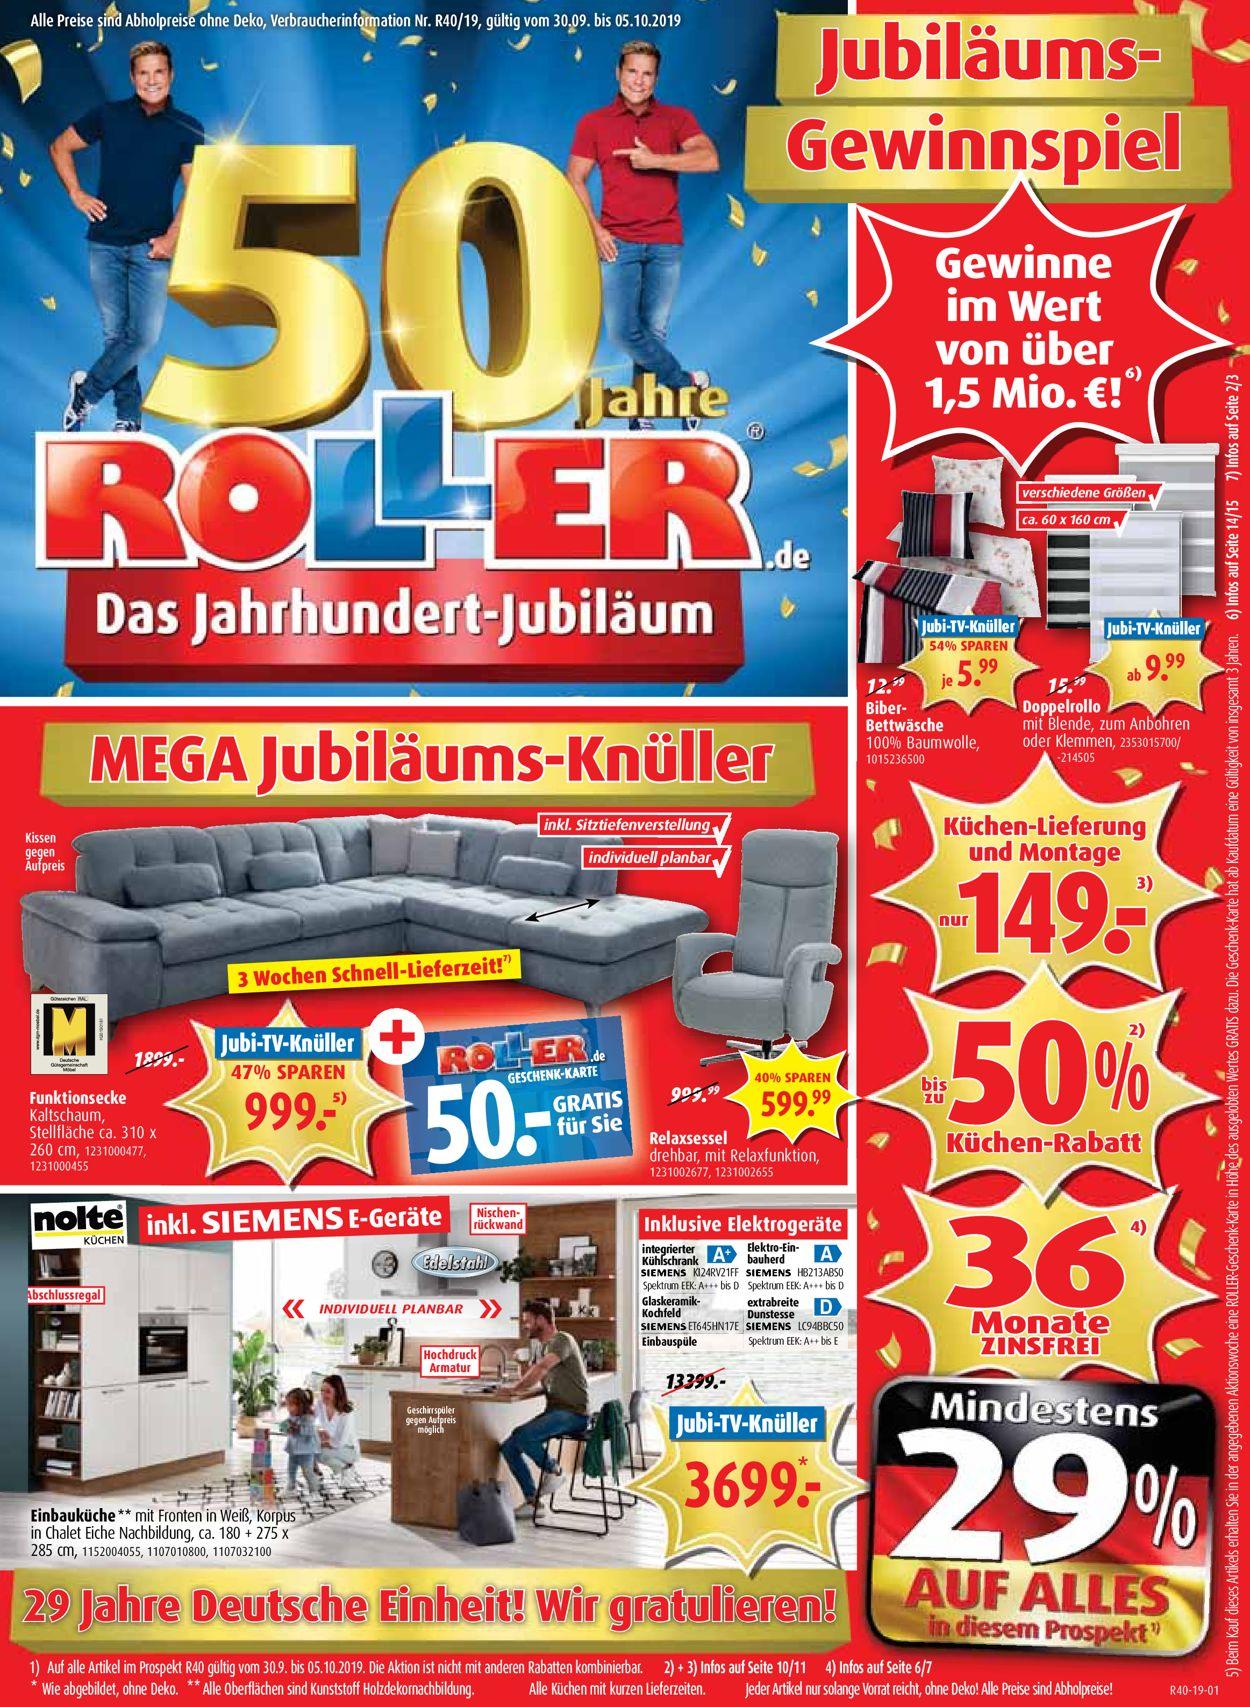 Full Size of Roller Aktueller Prospekt 3009 05102019 Jedewoche Rabattede Regale Küchen Regal Wohnzimmer Küchen Roller